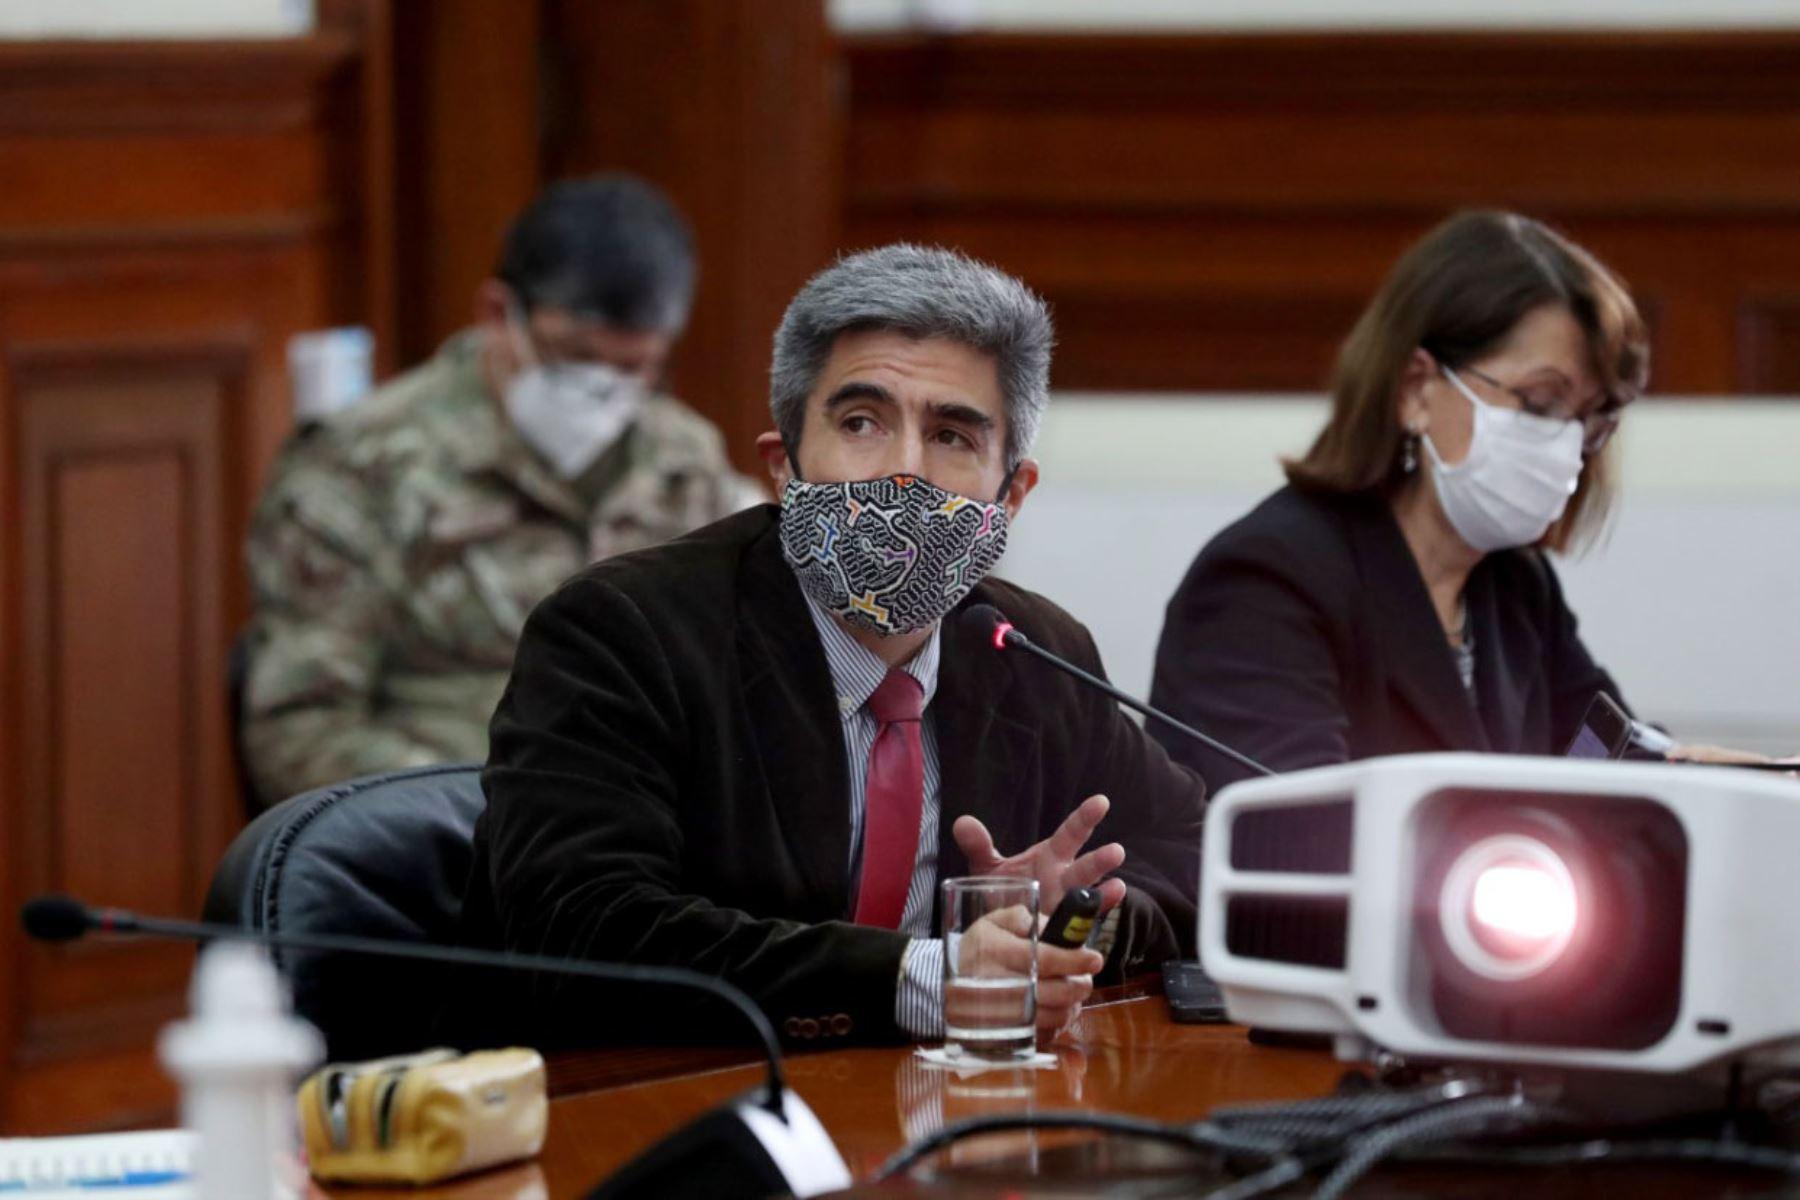 Ministro de Cultura, Alejandro Neyra, presentó los avances en la implementación de la estrategia de intervención en pueblos indígenas en el marco de la emergencia sanitaria por covid-19. Foto: PCM